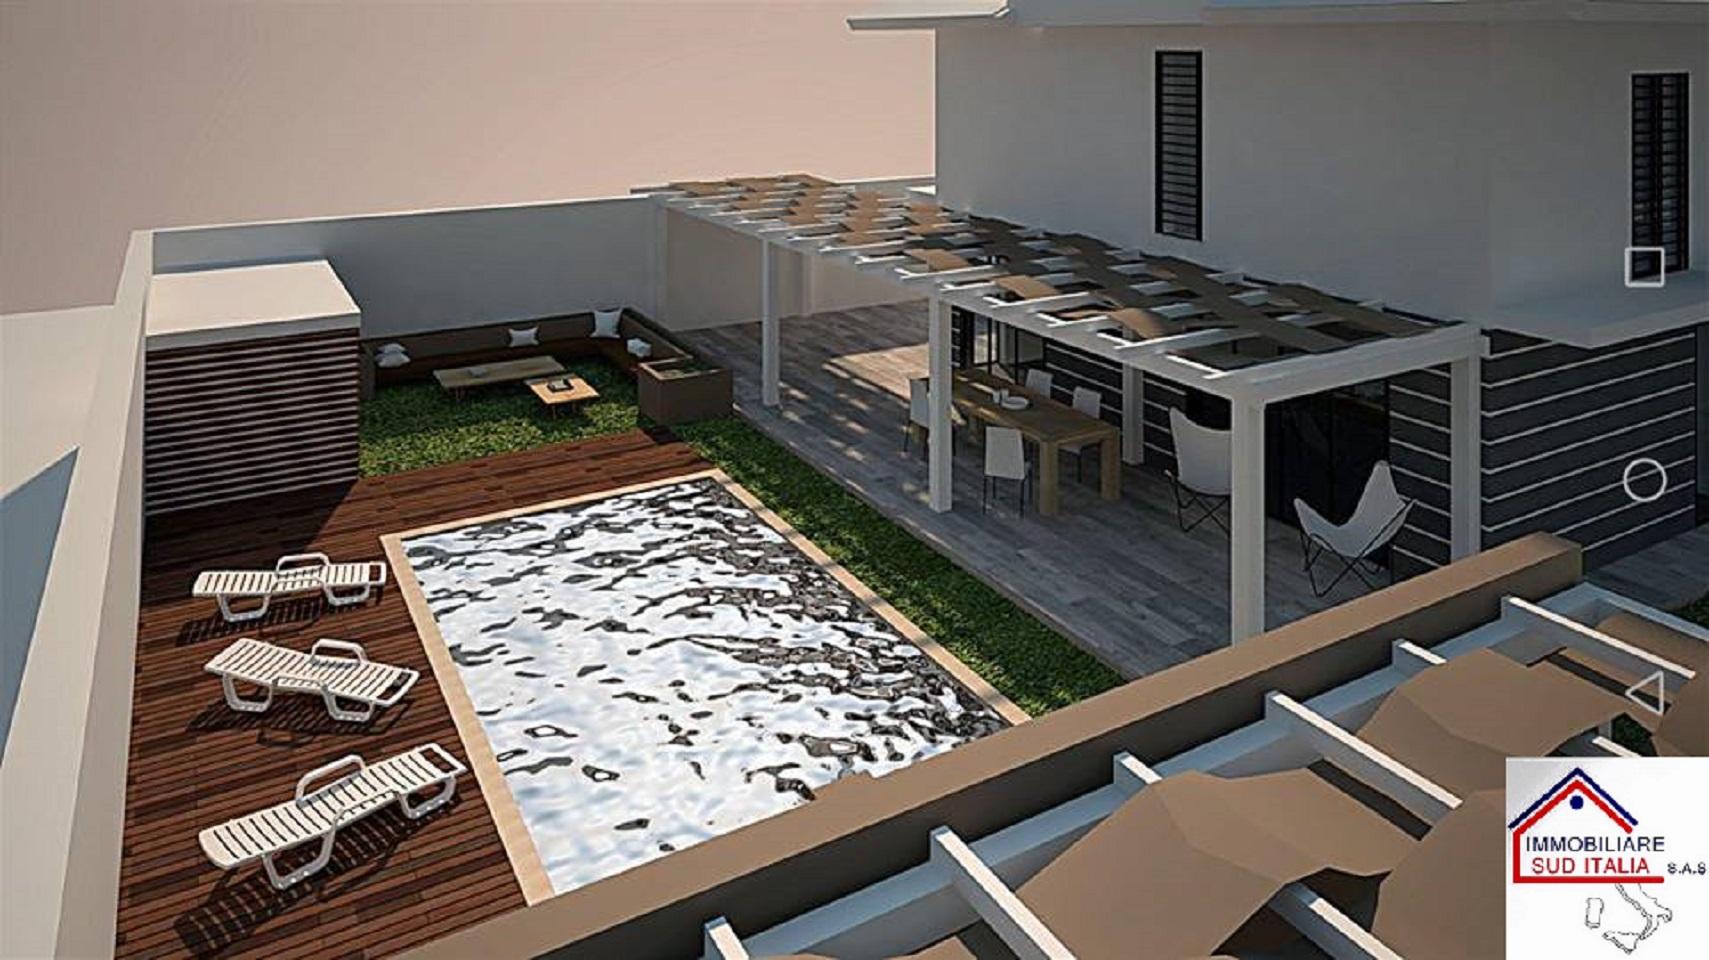 Villa in vendita a Giugliano in Campania, 6 locali, zona Zona: Varcaturo, Trattative riservate   CambioCasa.it